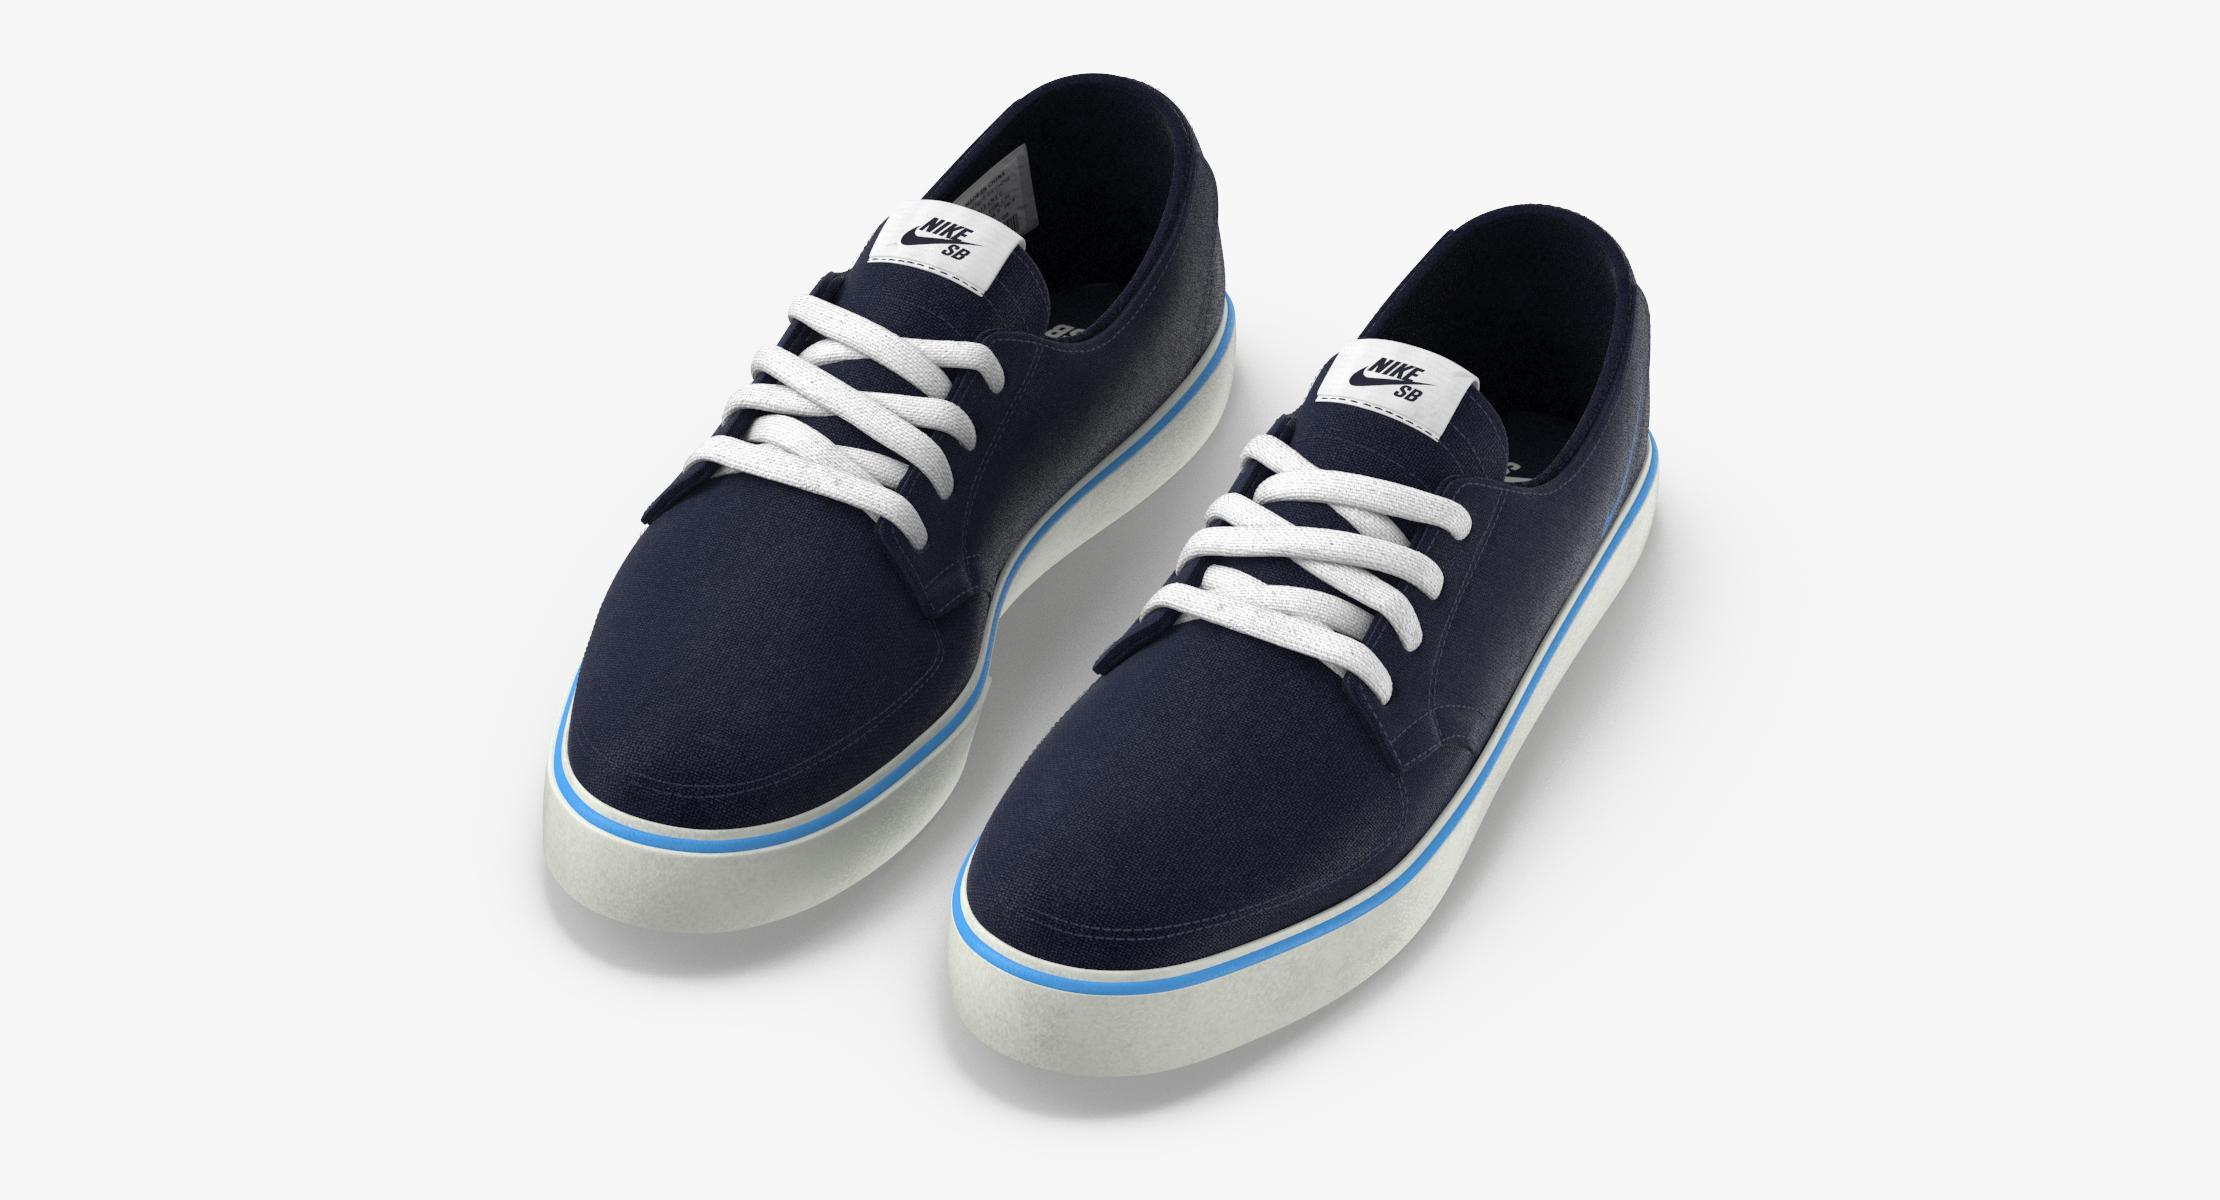 Nike Sneakers - reel 1